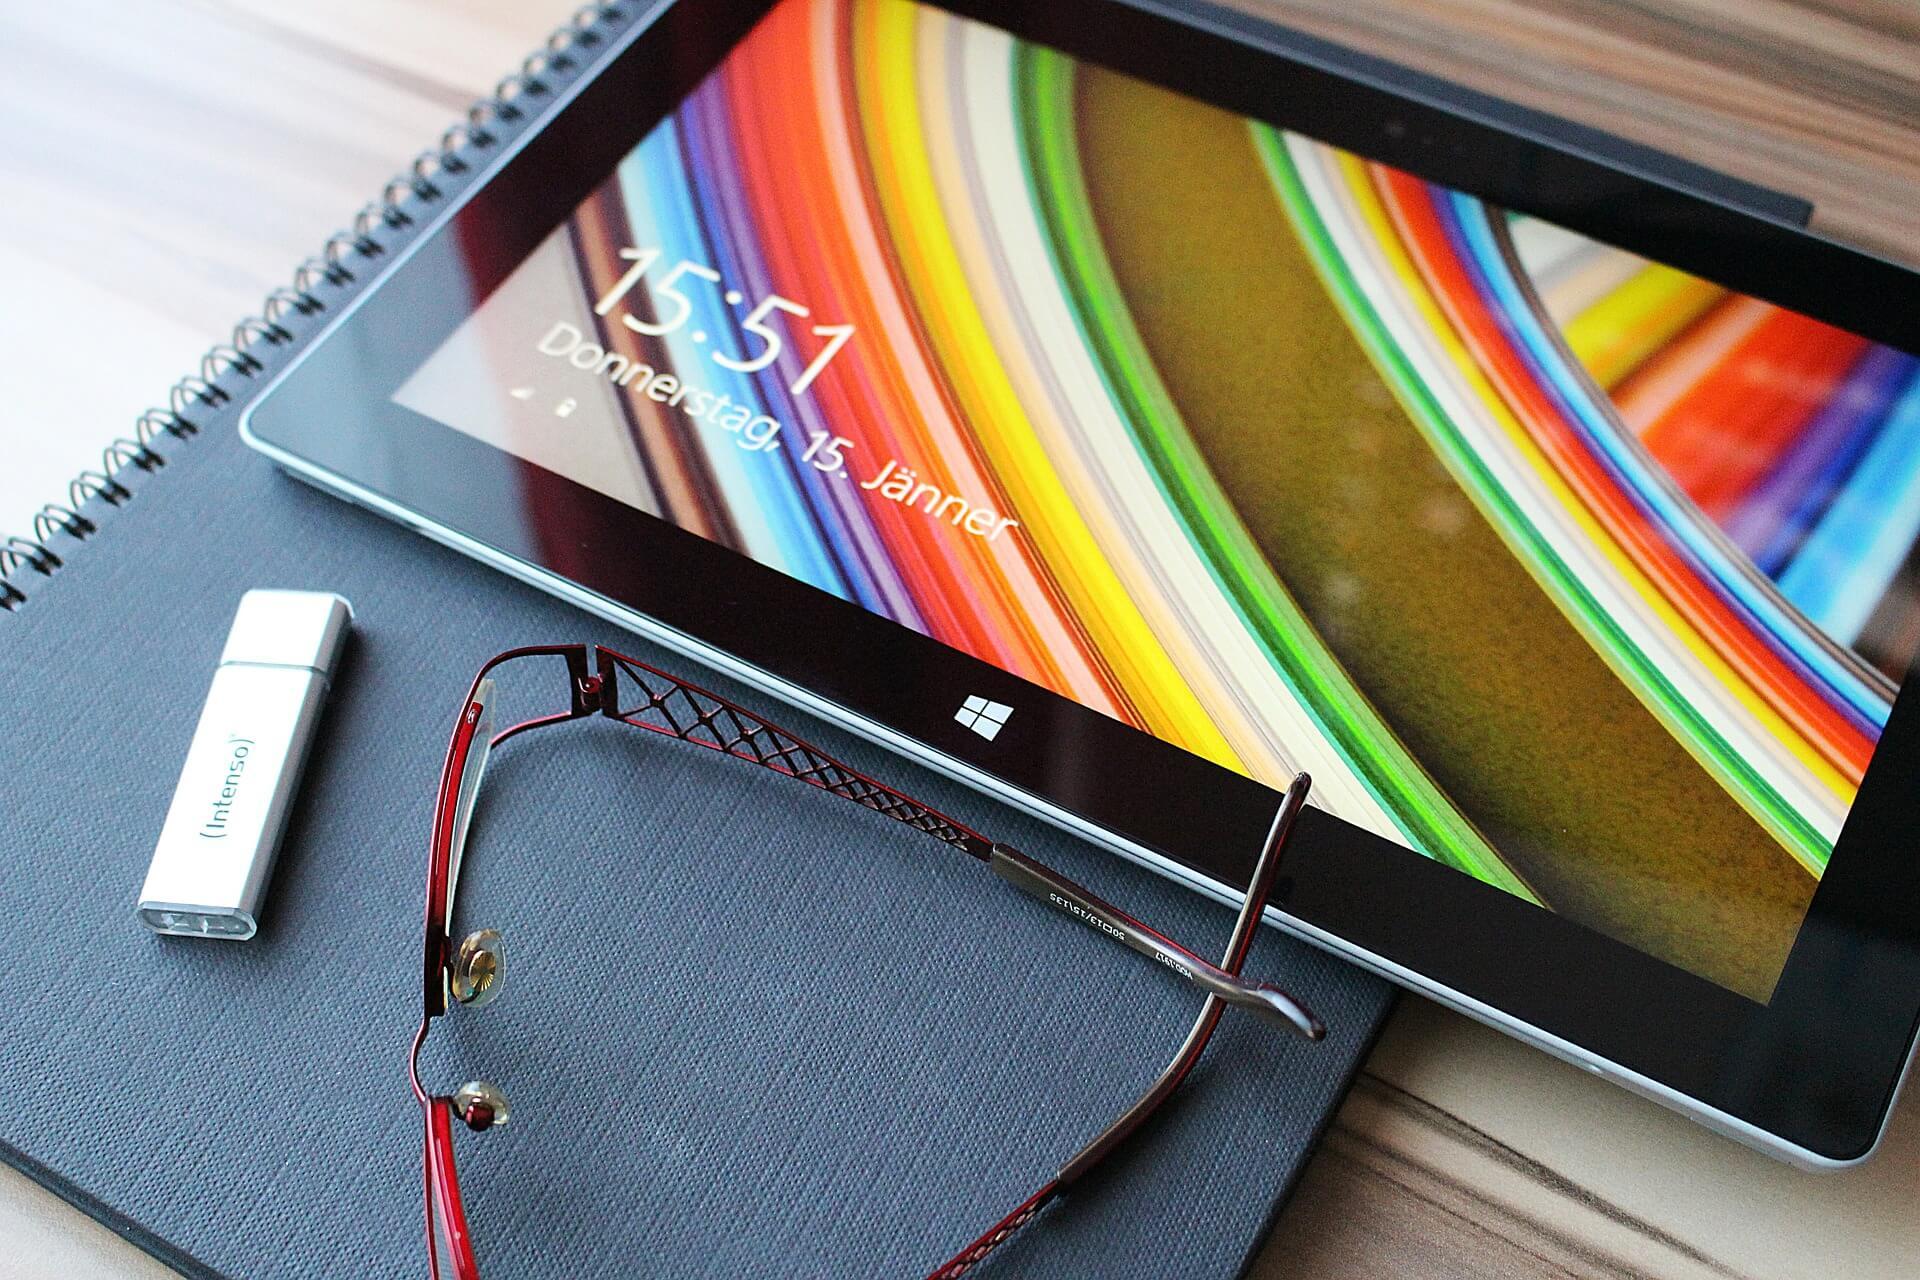 Bildschirmarbeit und Brille (c) pix1861 / pixabay.de